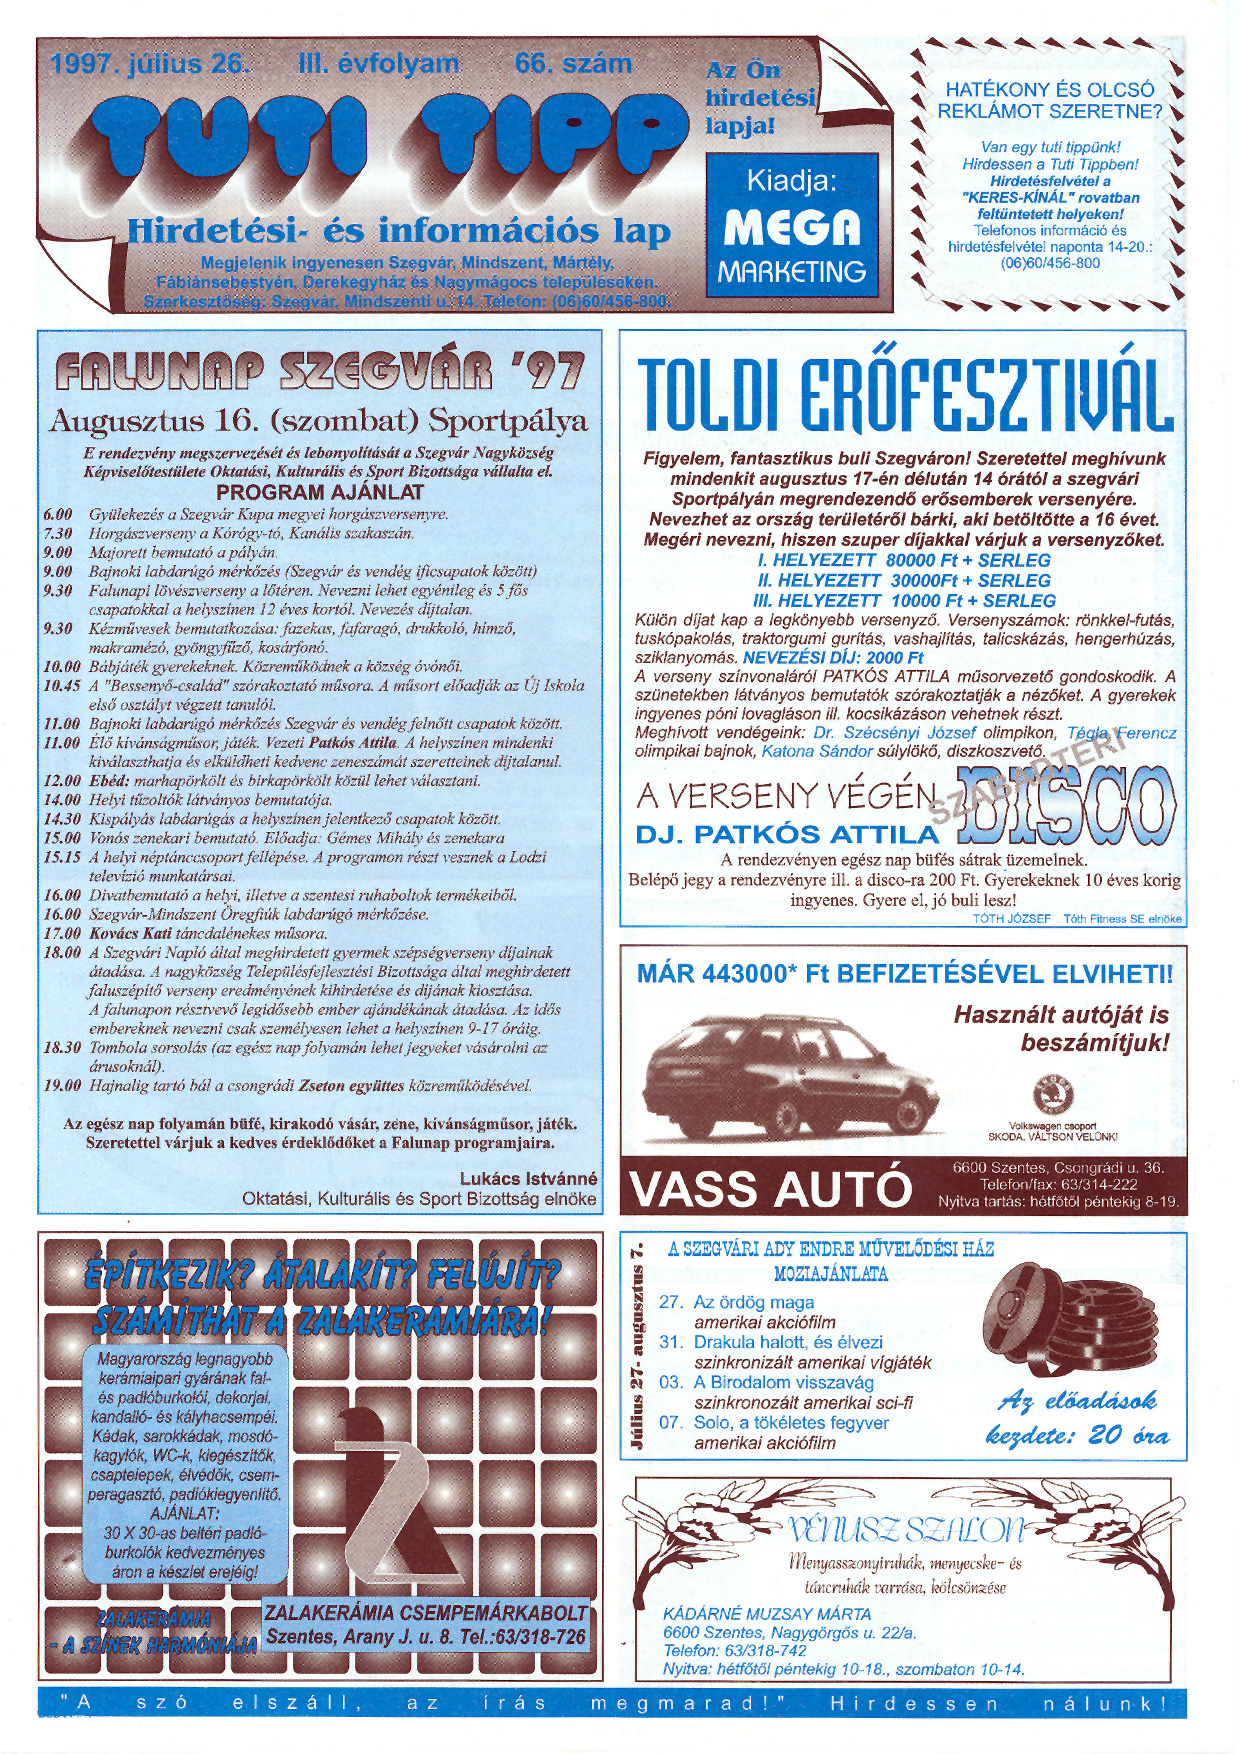 025 Tuti Tipp reklámújság - 19970726-066. lapszám - 1.oldal - III. évfolyam.jpg